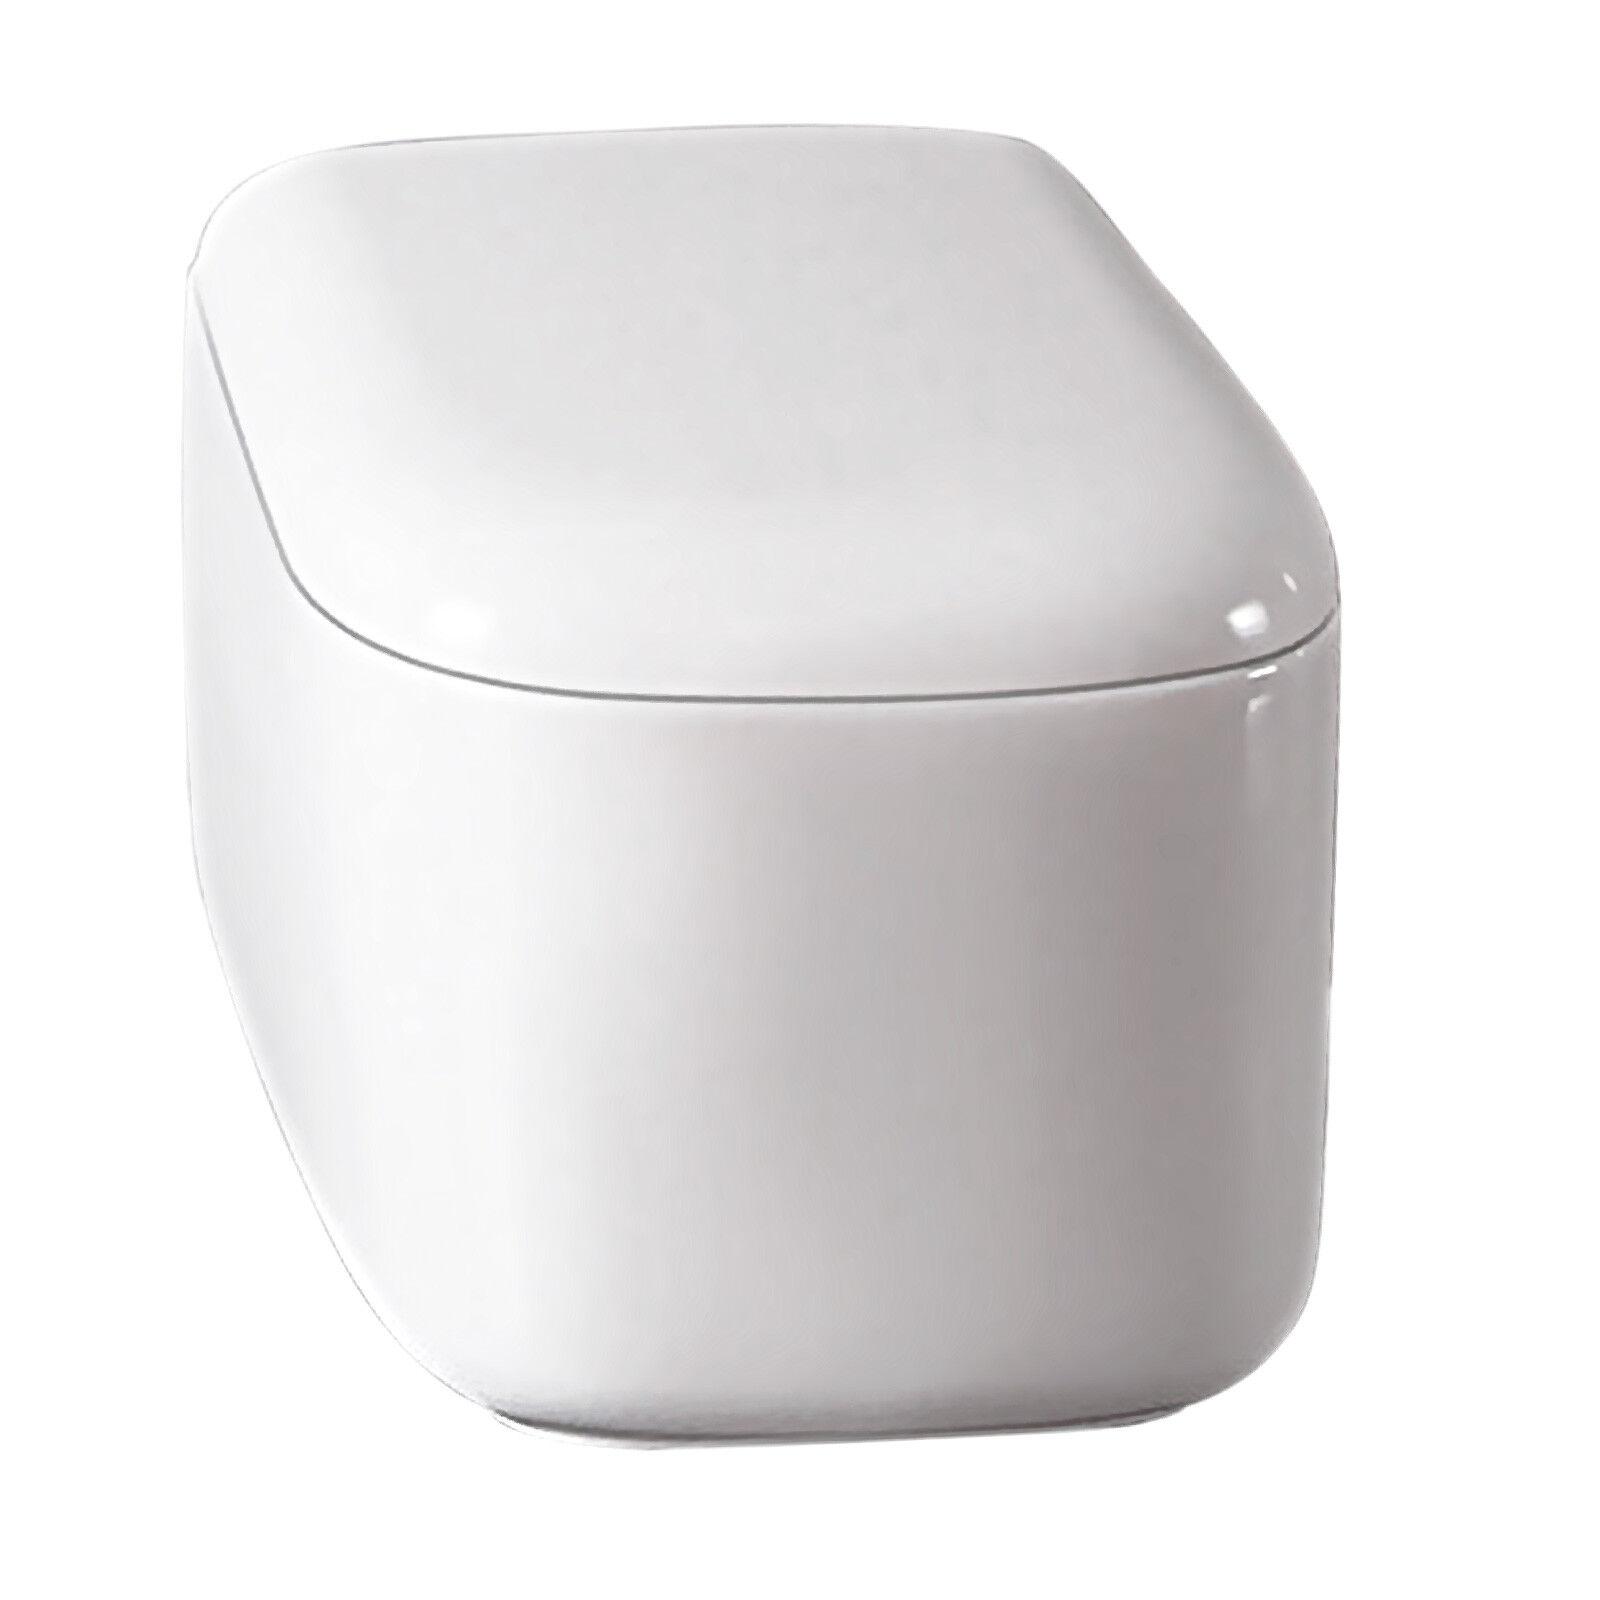 Vaso wc sospeso Round in ceramica con sedile Soft-Close per bagno moderno